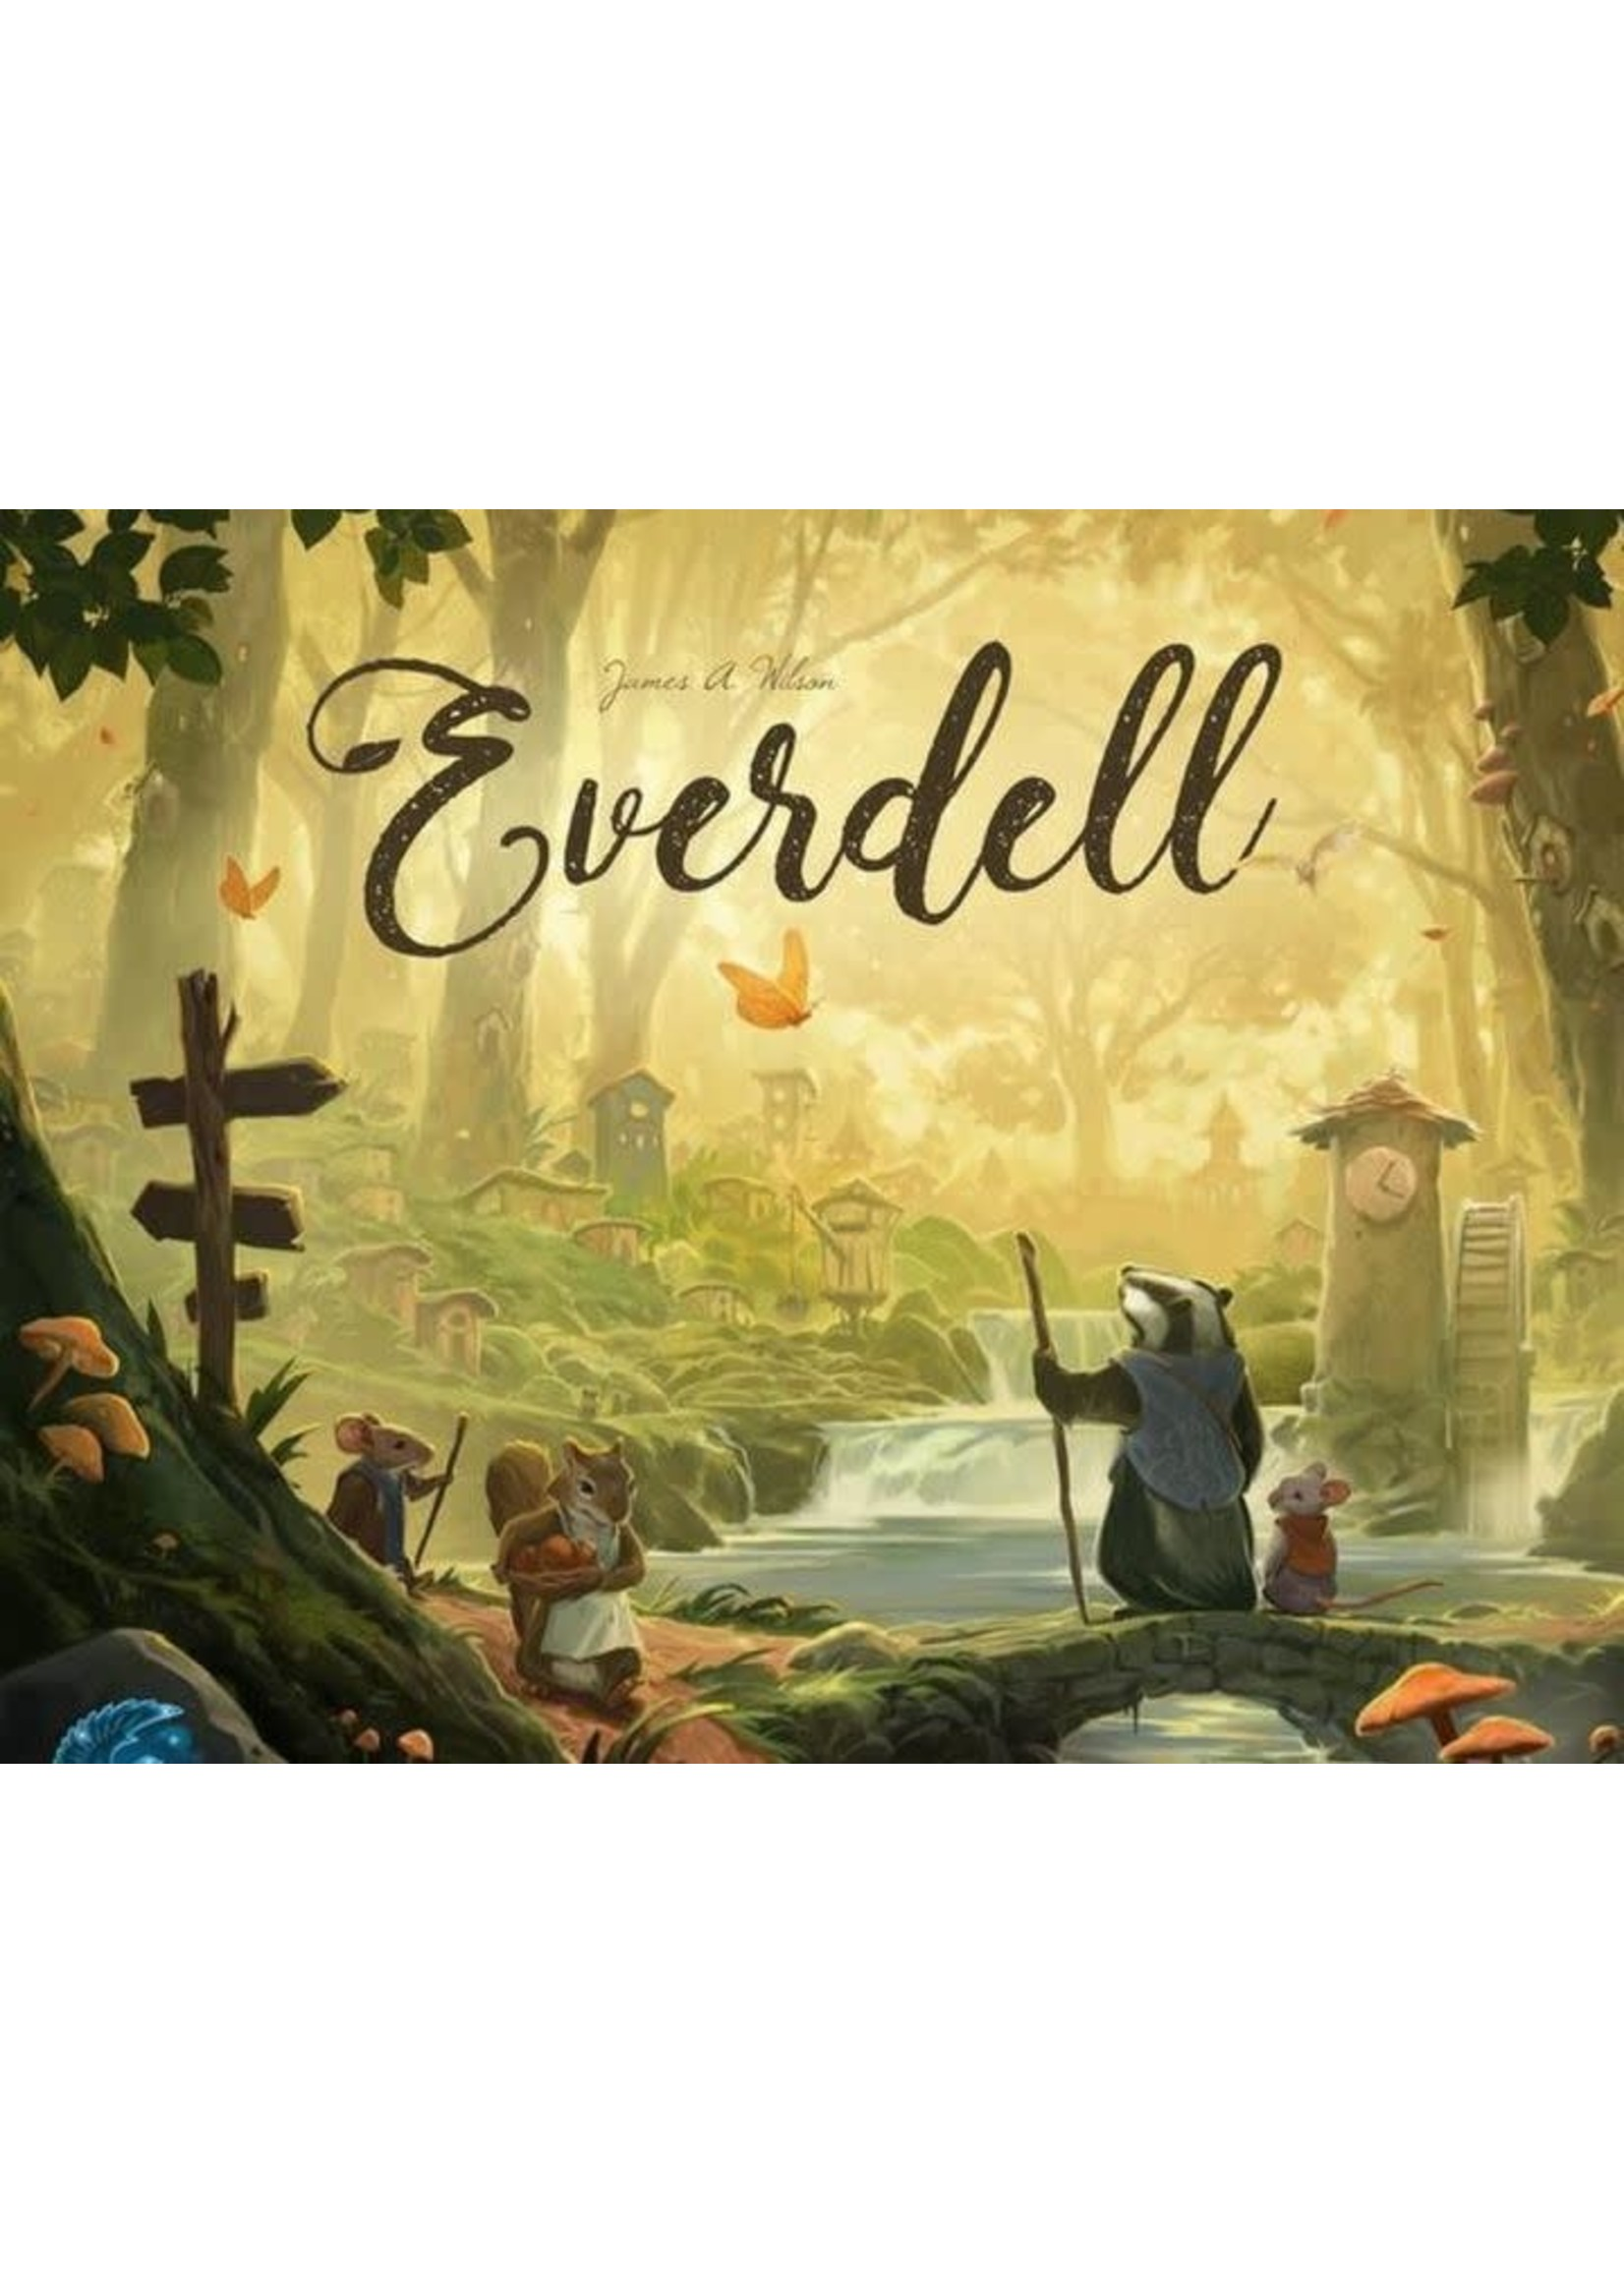 Everdell Nl Pre-Order Q2